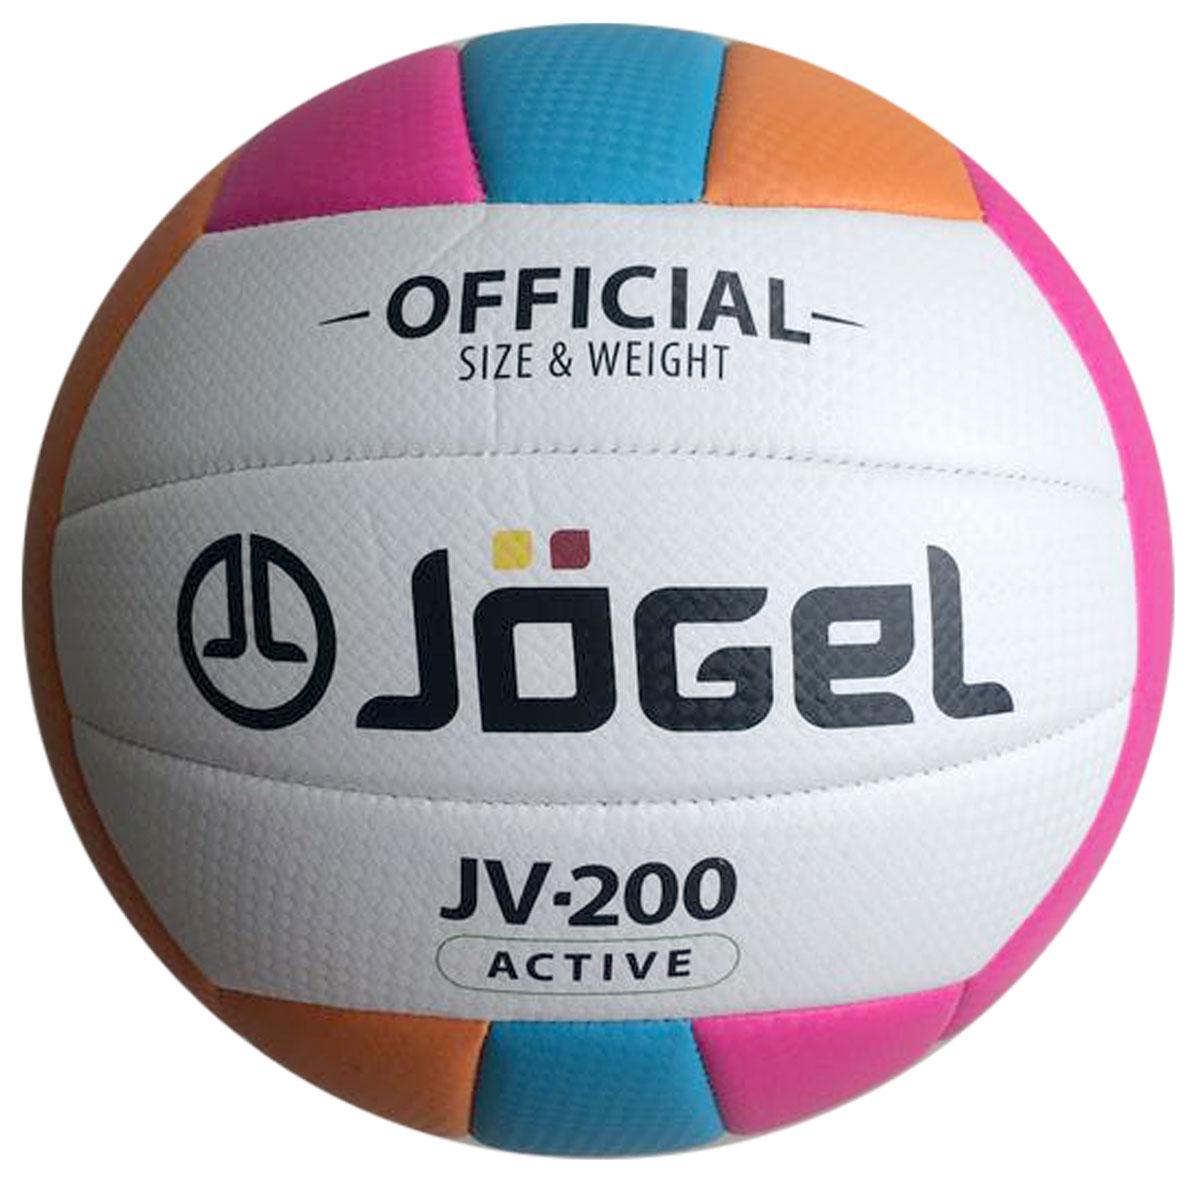 Мяч волейбольный Jogel, цвет: голубой, оранжевый, розовый. Размер 5. JV-200УТ-00009339Название: Мяч волейбольный Jgel JV-200 Уровень: Любительский мяч Серия: ACTIVE Описание: Jogel JV-200 яркий любительский мяч для классического волейбола и активного отдыха. Благодаря своей молодежной расцветке и еще более мягкой поверхности, чем у модели JV-100, данная модель пользуется популярностью в качестве мяча для пляжного волейбола. Поверхность мяча выполнена из текстурной мягкой синтетической кожи (поливинилхлорид) с увеличенной толщиной, что позволяет избежать синяков и ушибах на руках, даже при сильных ударах. Мяч состоит из 18-ти панелей и оснащен бутиловой камерой. Данный мяч подходит для поставок на гос. тендеры, образовательные учреждения и спортивные секции. Официальный размер и вес FIBV. Рекомендованные покрытия: Паркет, песок, резина, гаревые поля, бетон Материал покрышки: Синтетическая кожа (поливинилхлорид) Материал камеры: Бутил Тип соединения панелей: Машинная сшивка Количество панелей: 18 Размер: 5 Вес: 260-280 гр. Длина окружности: 65-67 см Рекомендованное...